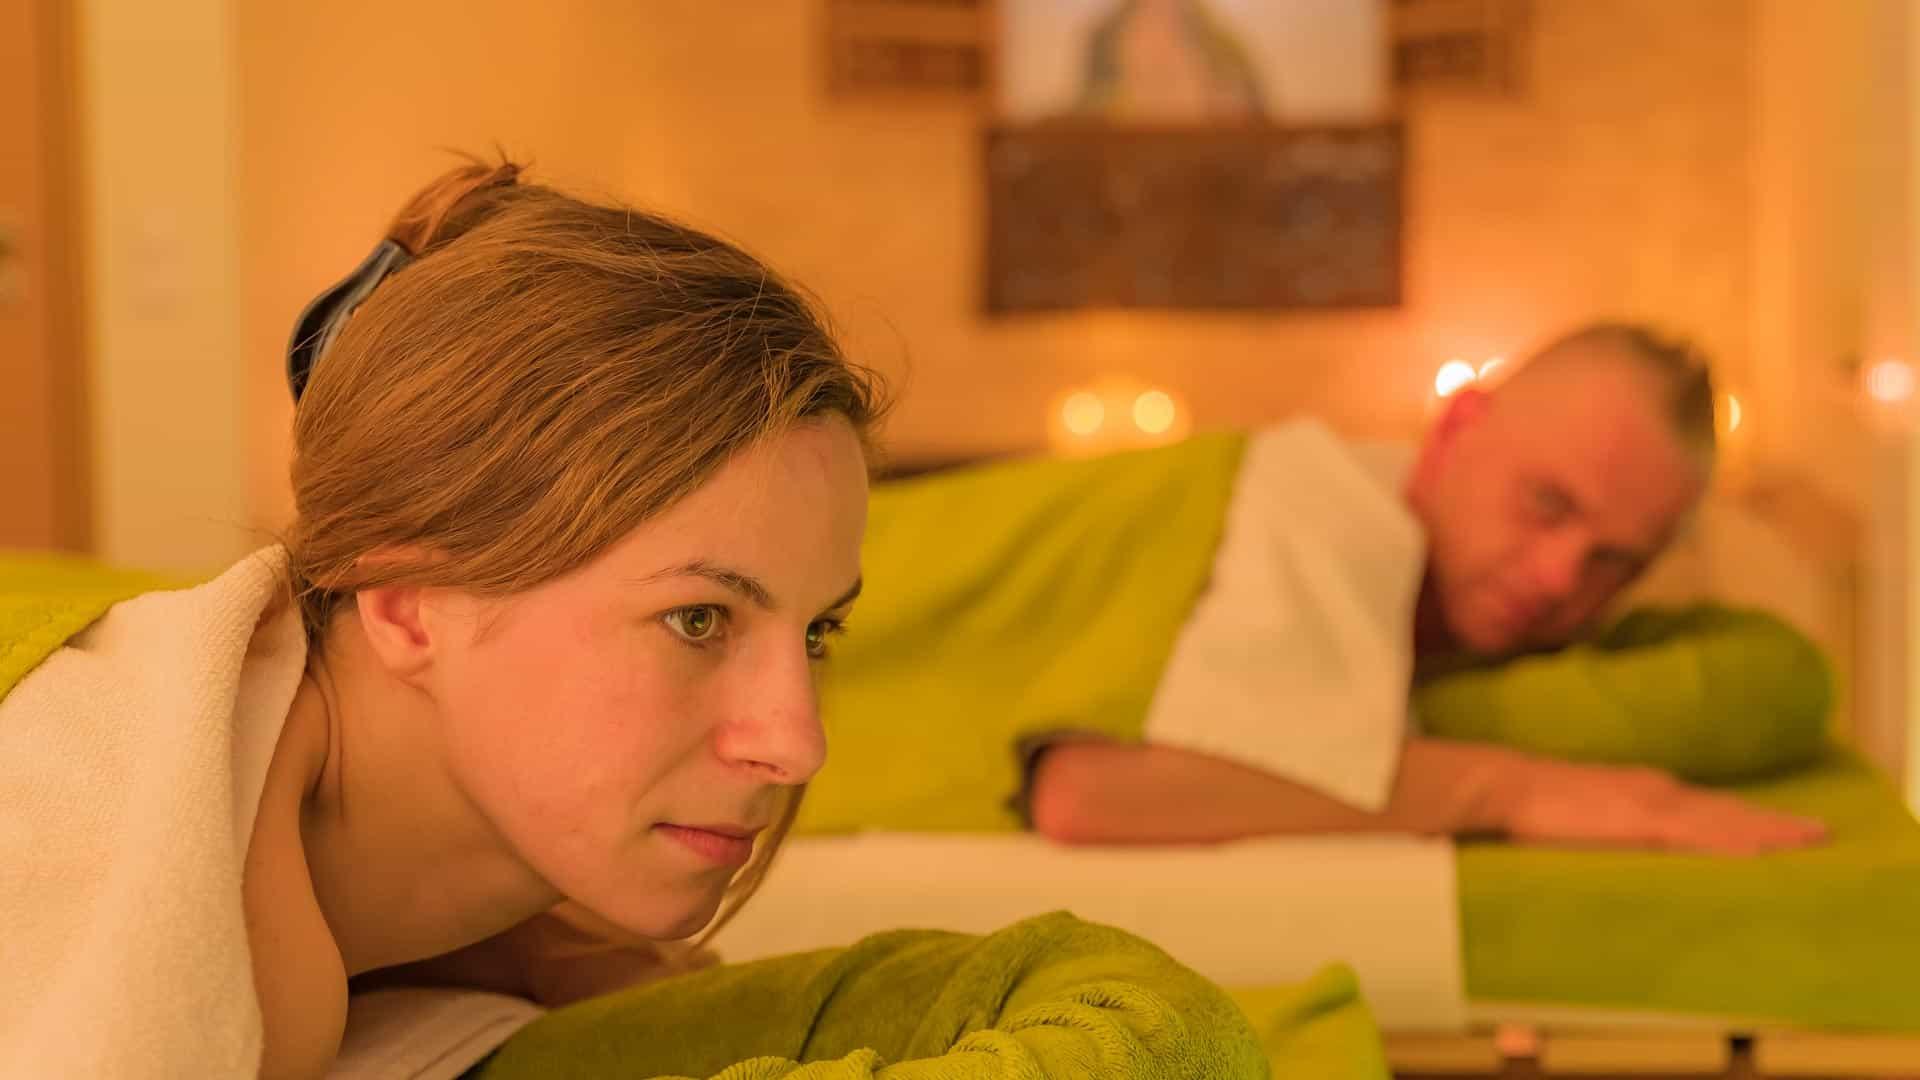 Synchron Partnermassagen: Frau und Mann sind bedeckt mit grünen Handtüchern und ruhen auf den Massageliegen im Massageraum